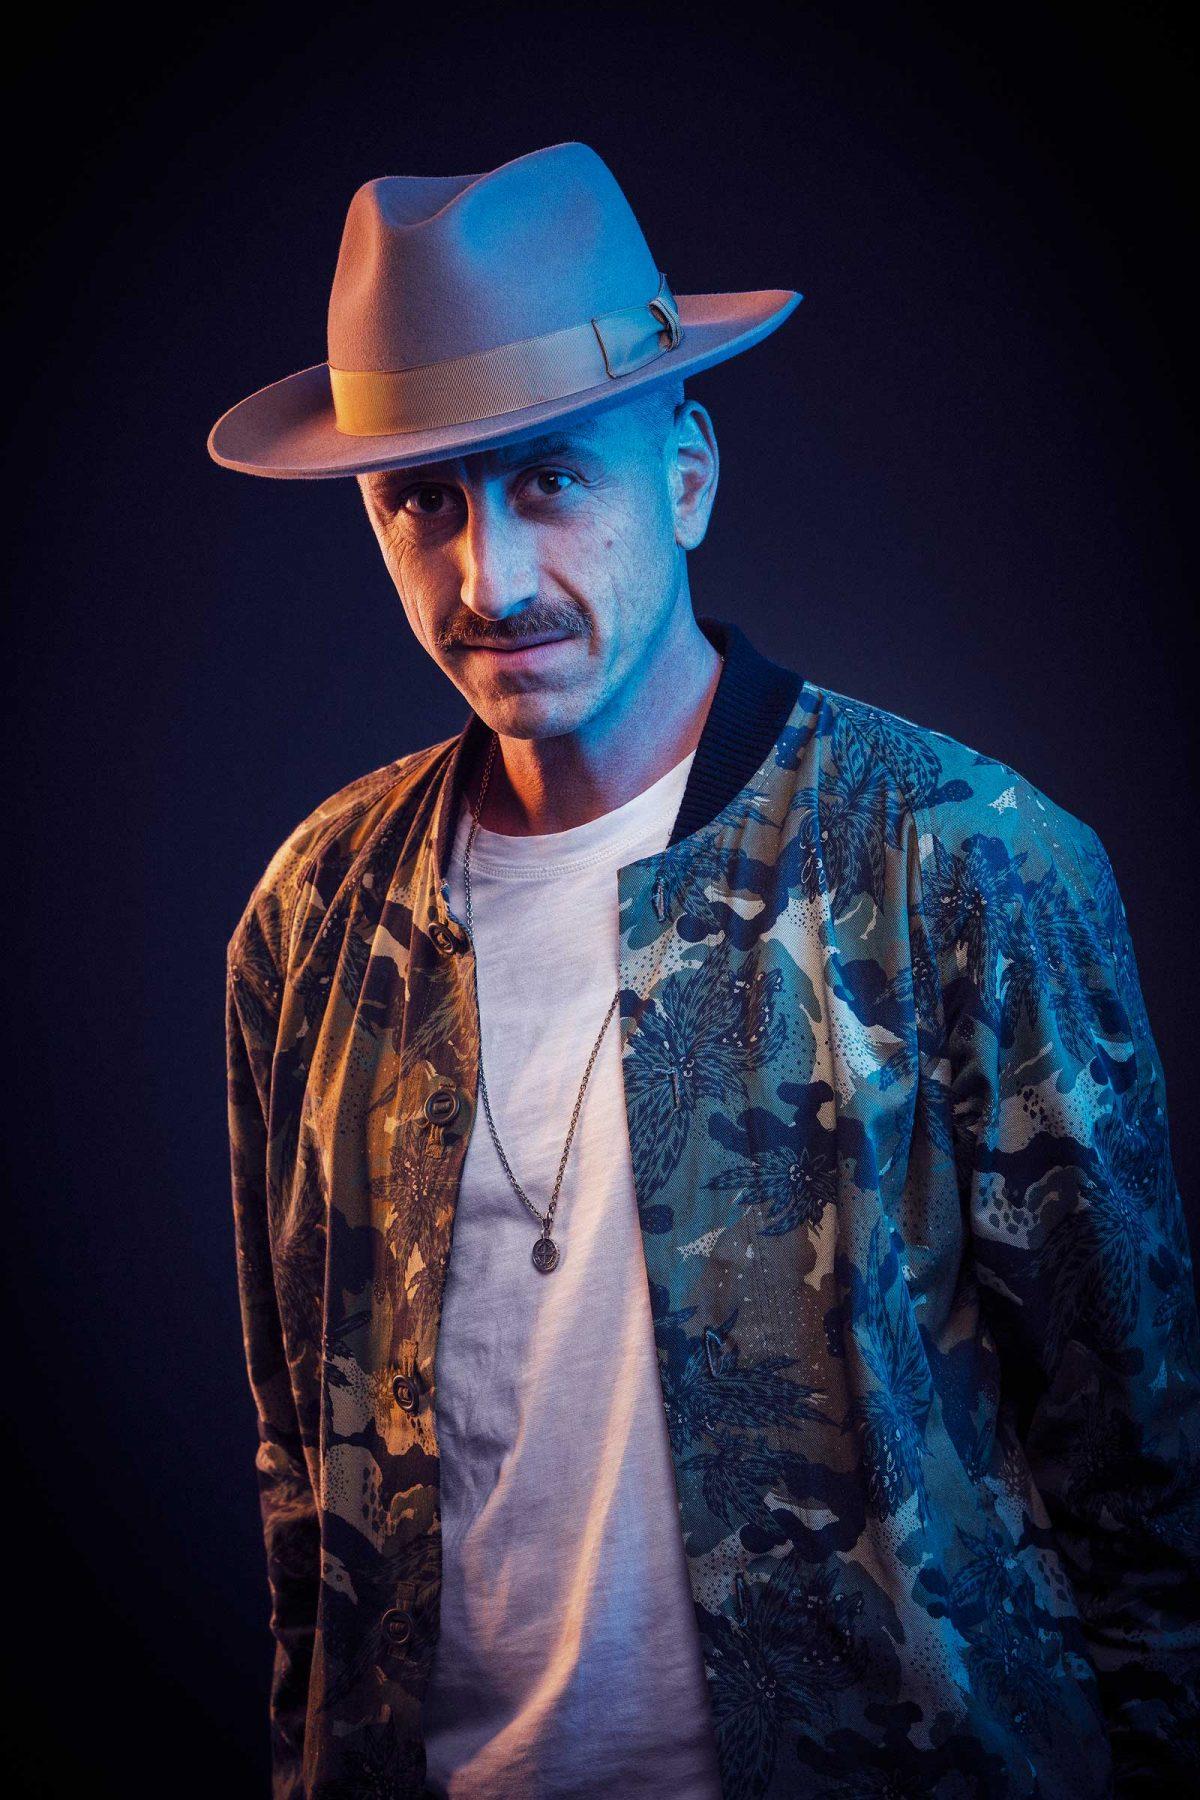 Portrait DJ Sepalot. Derek Henthorn - Fotograf München